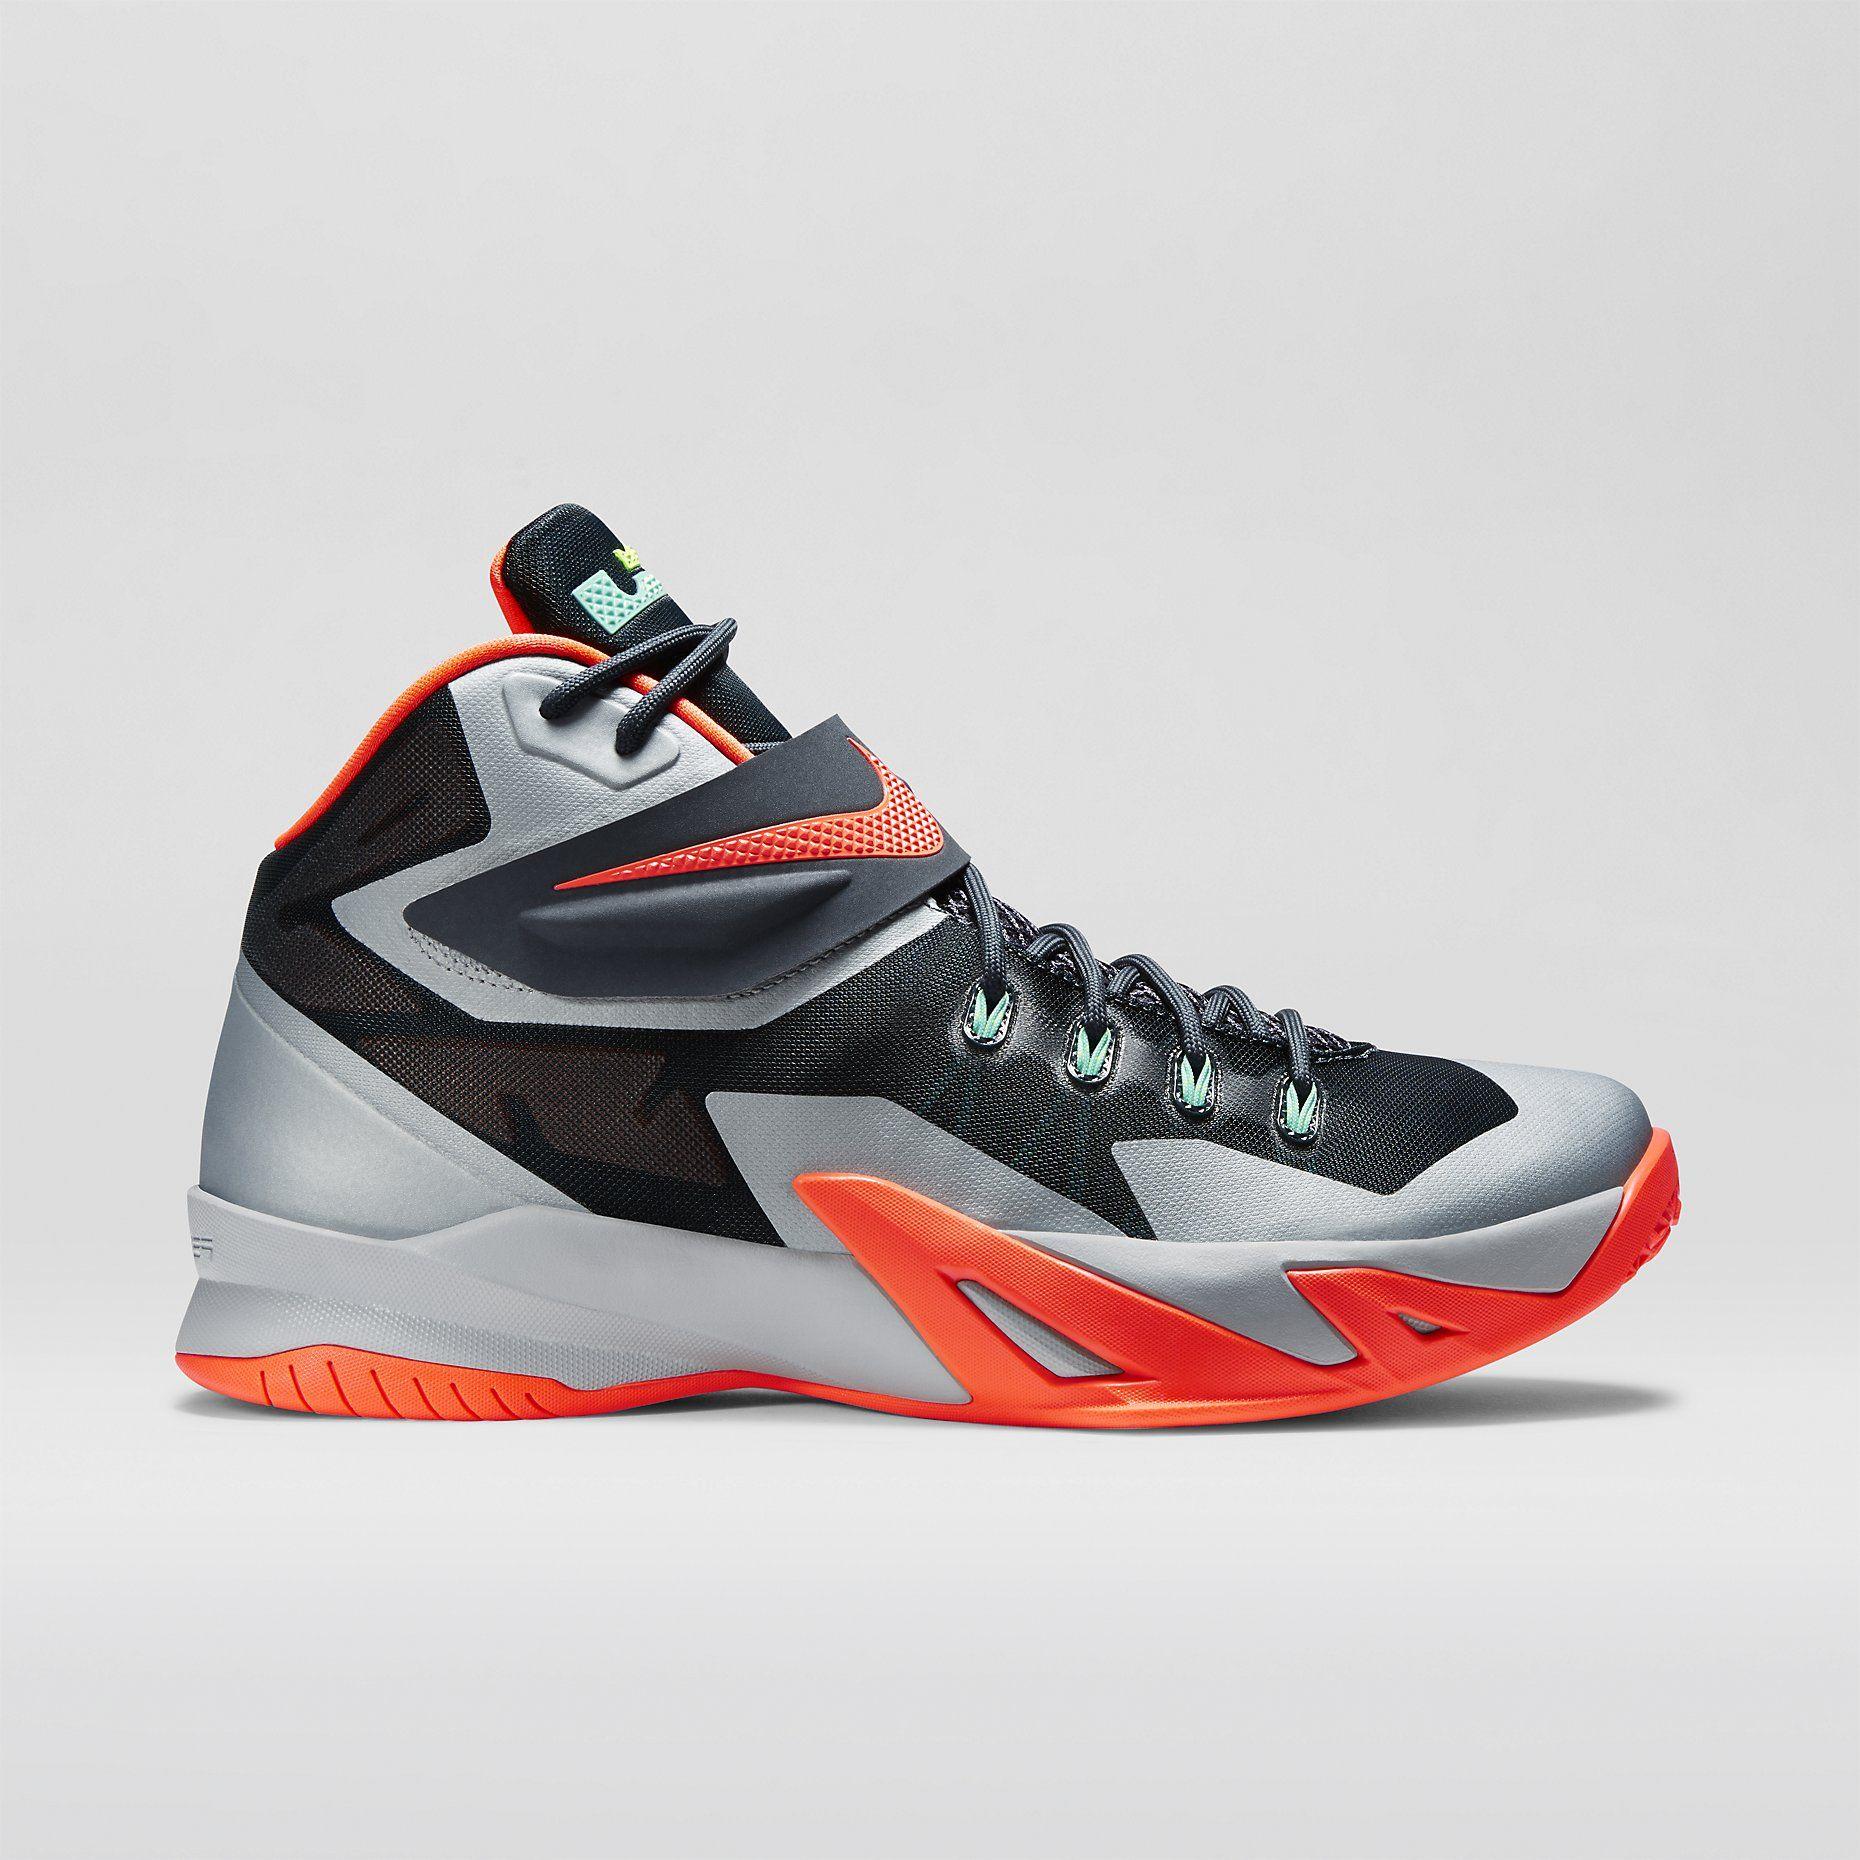 8f4e81b343af Nike Zoom LeBron Soldier VIII